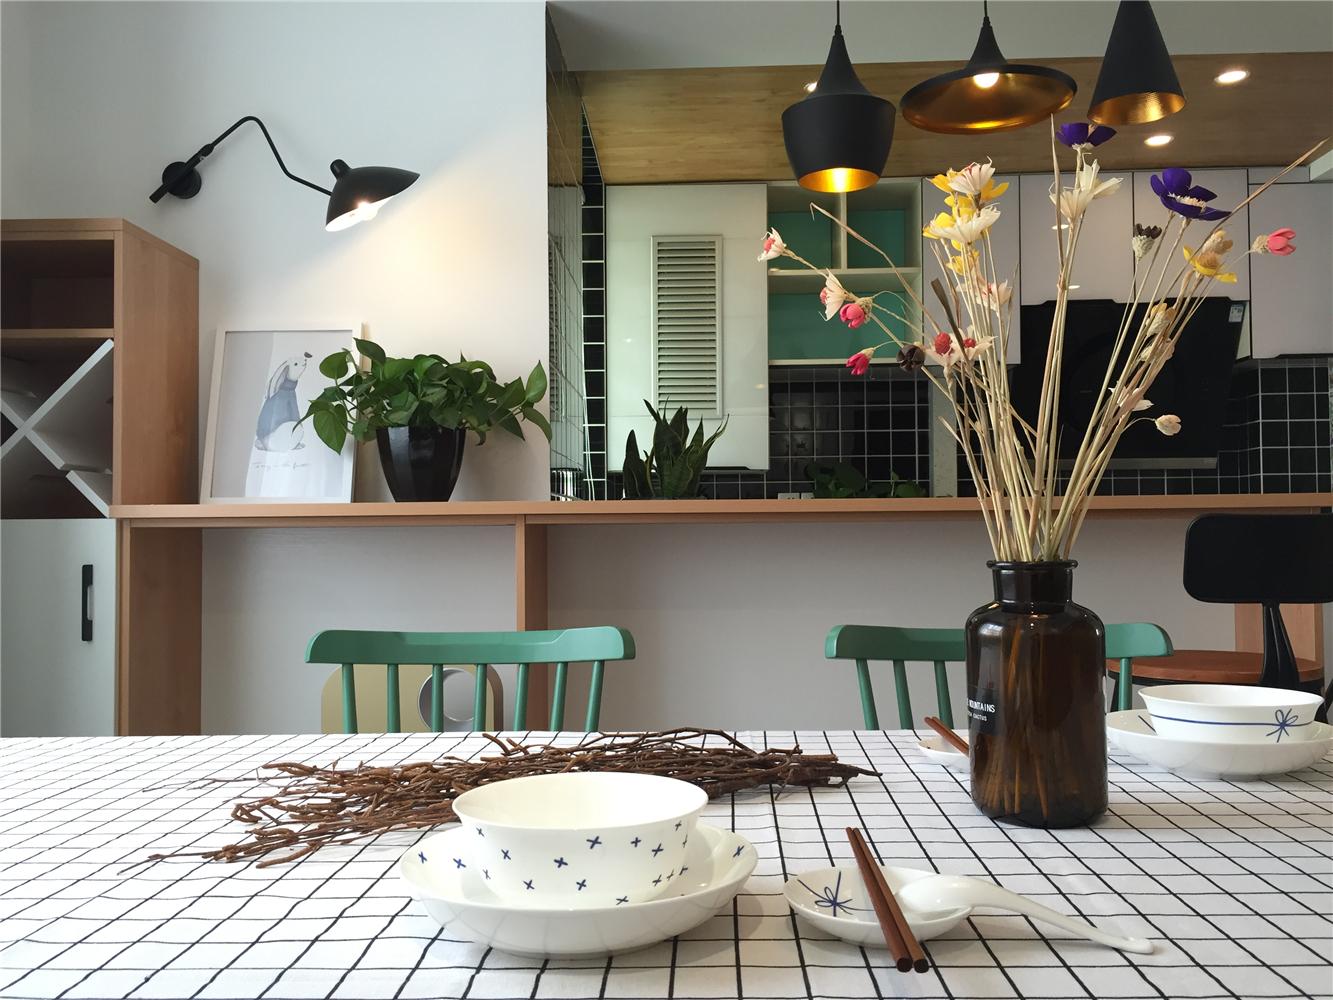 60㎡小户型北欧风装修餐厅细节图